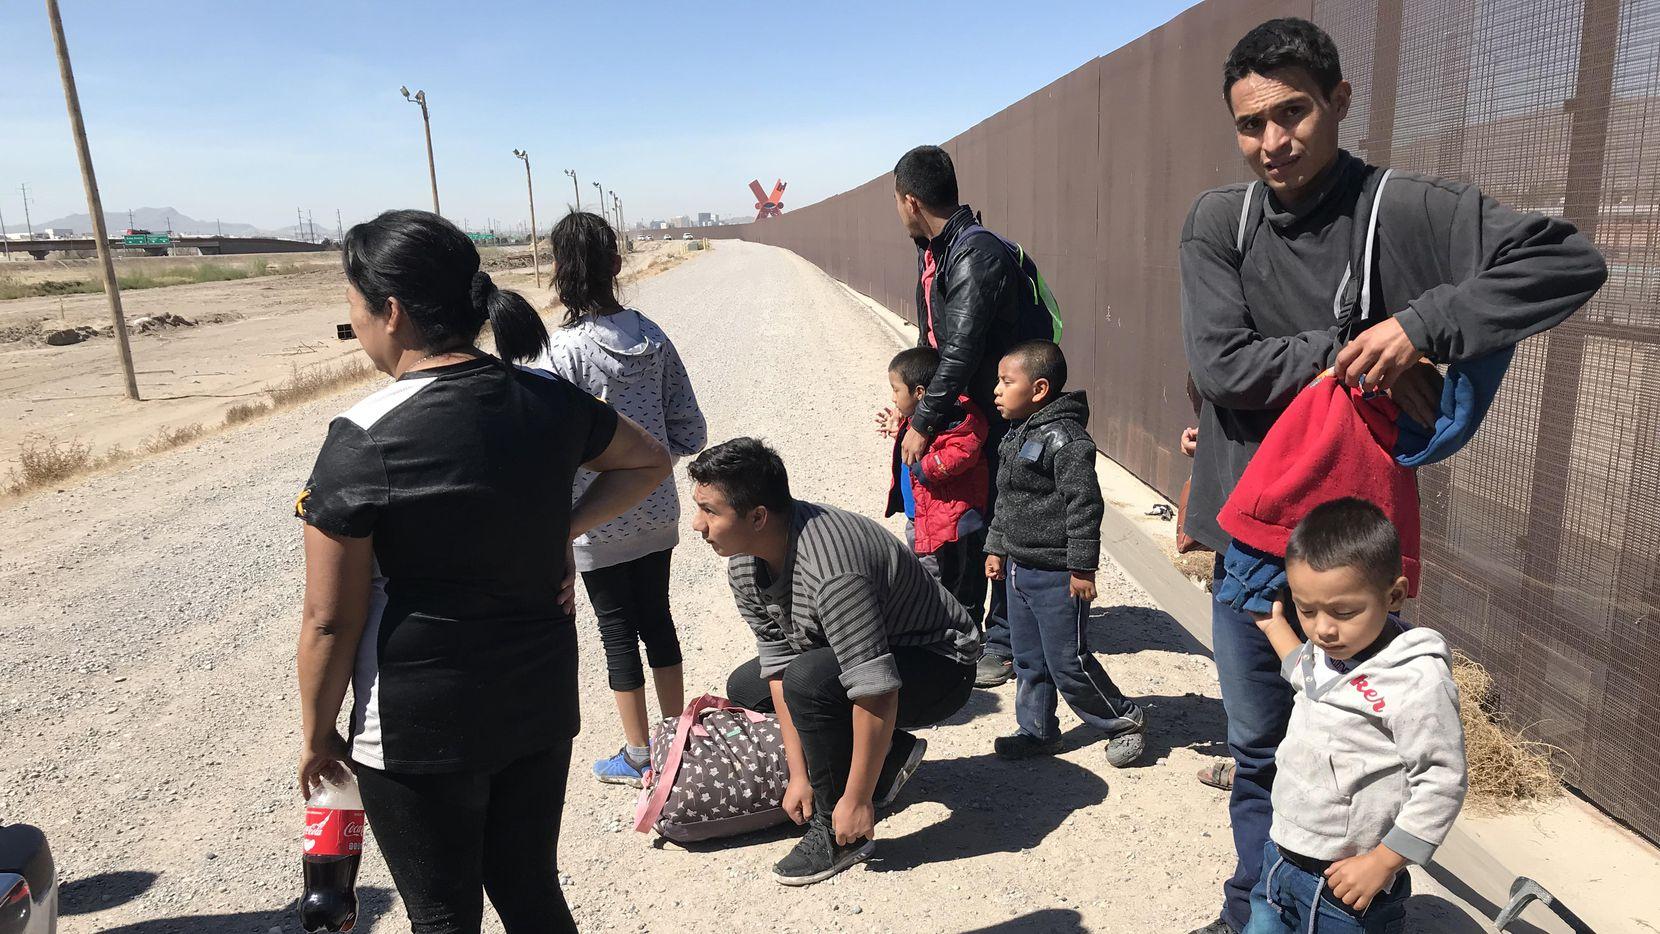 Familias migrantes cruzan la frontera del Río Grande, de Ciudad Juárez a El Paso, para entregarse a autoridades migratorias de Estados Unidos. (DMN/Alfredo Corchado)